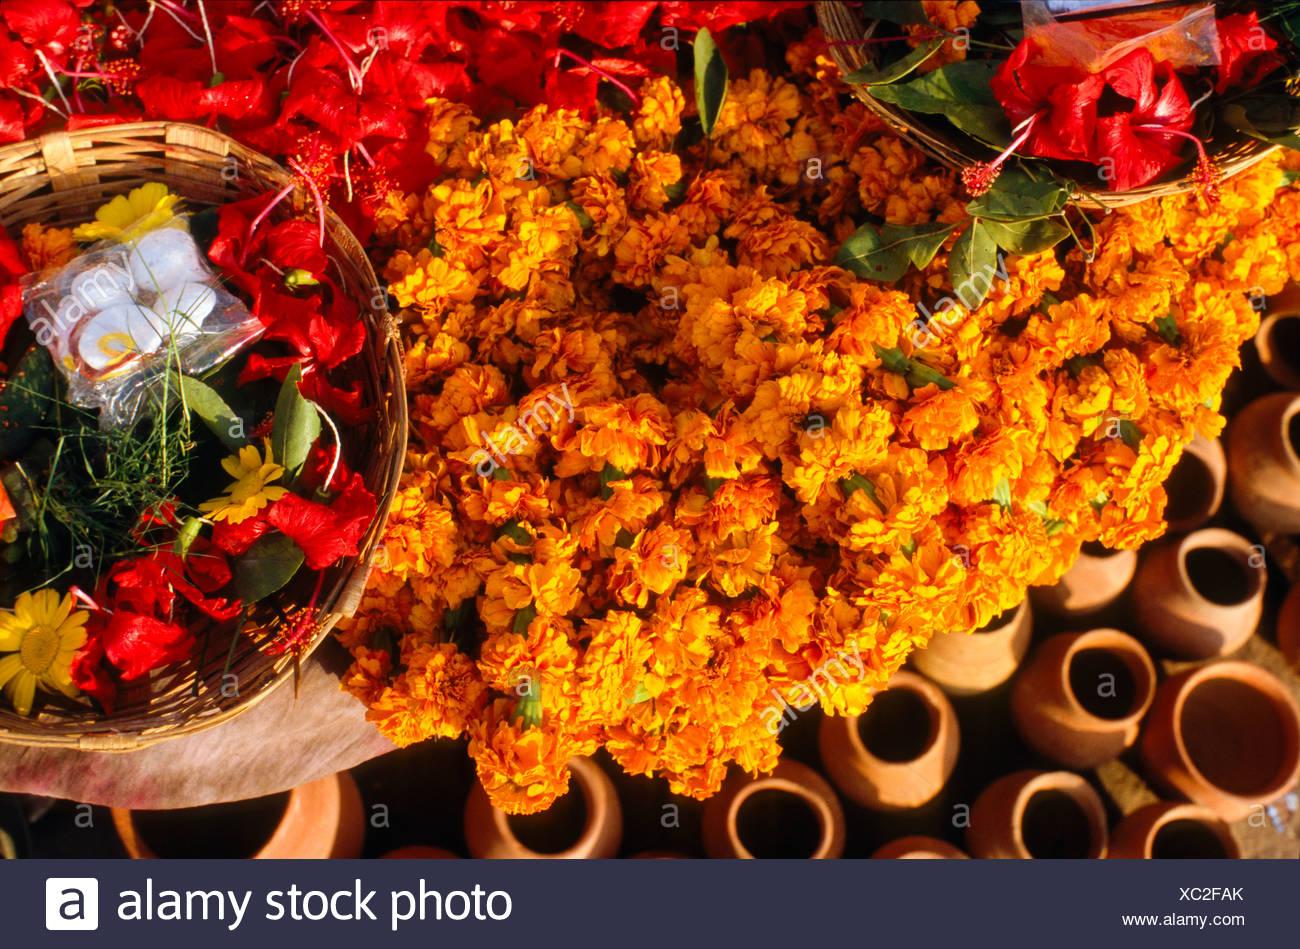 Flowers for religious ceremonies and rituals, Varanasi, Uttar Pradesh, India, Asia - Stock Image